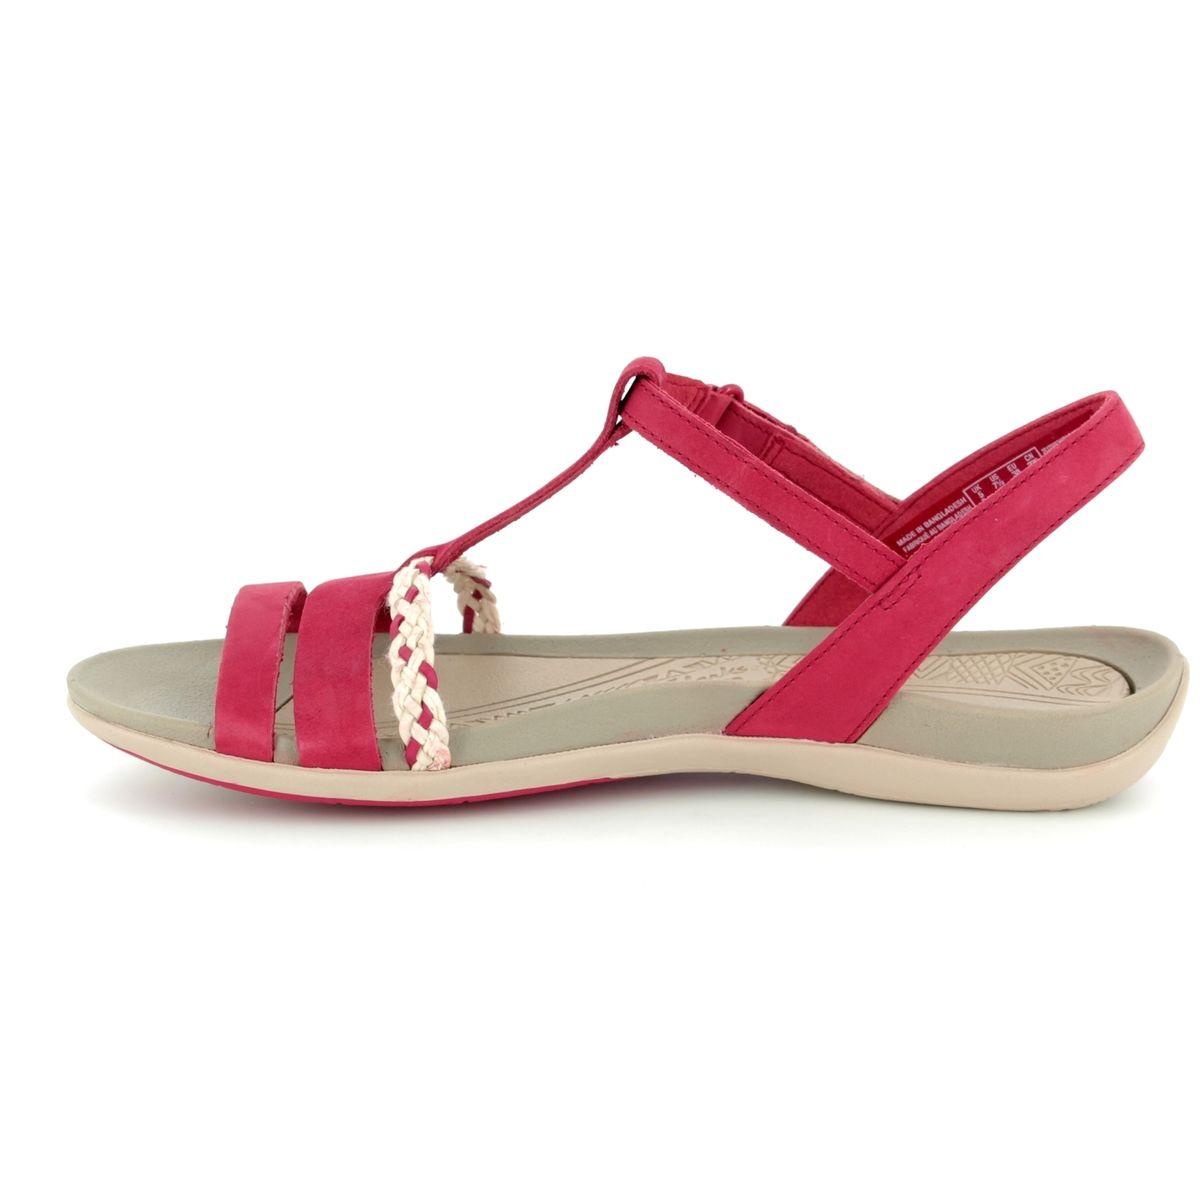 d00e74329687 Clarks Sandals - Red - 2389 24D TEALITE GRACE